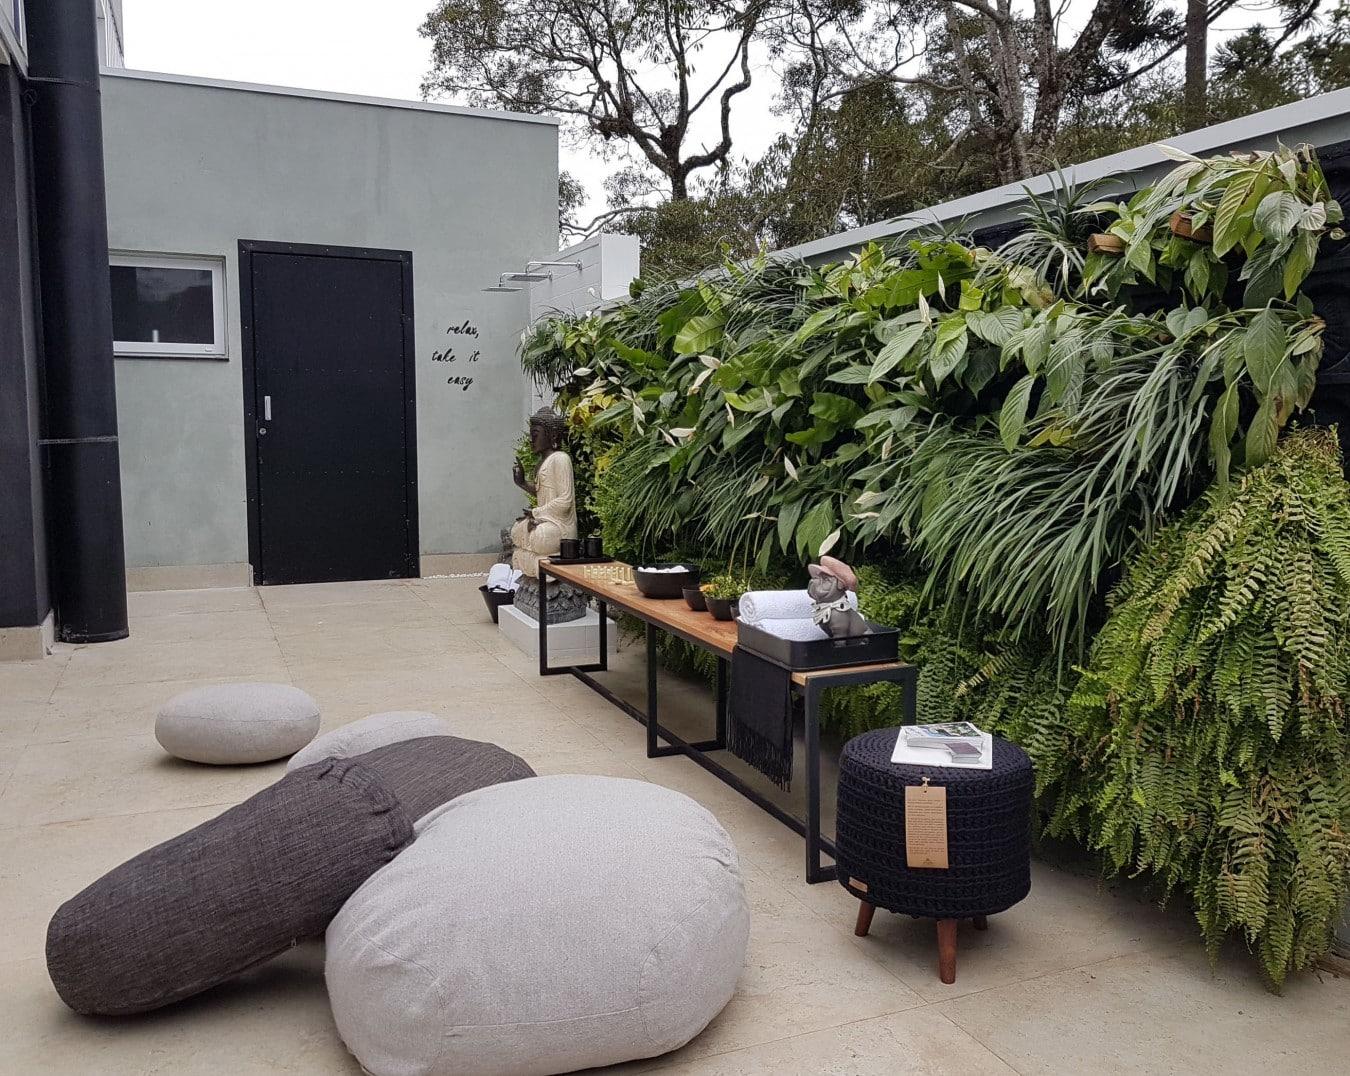 Espaço Zen Luiz Maingué Foto Eros Munari 1 - Arquitetura sustentável em evidência na Mostra Container